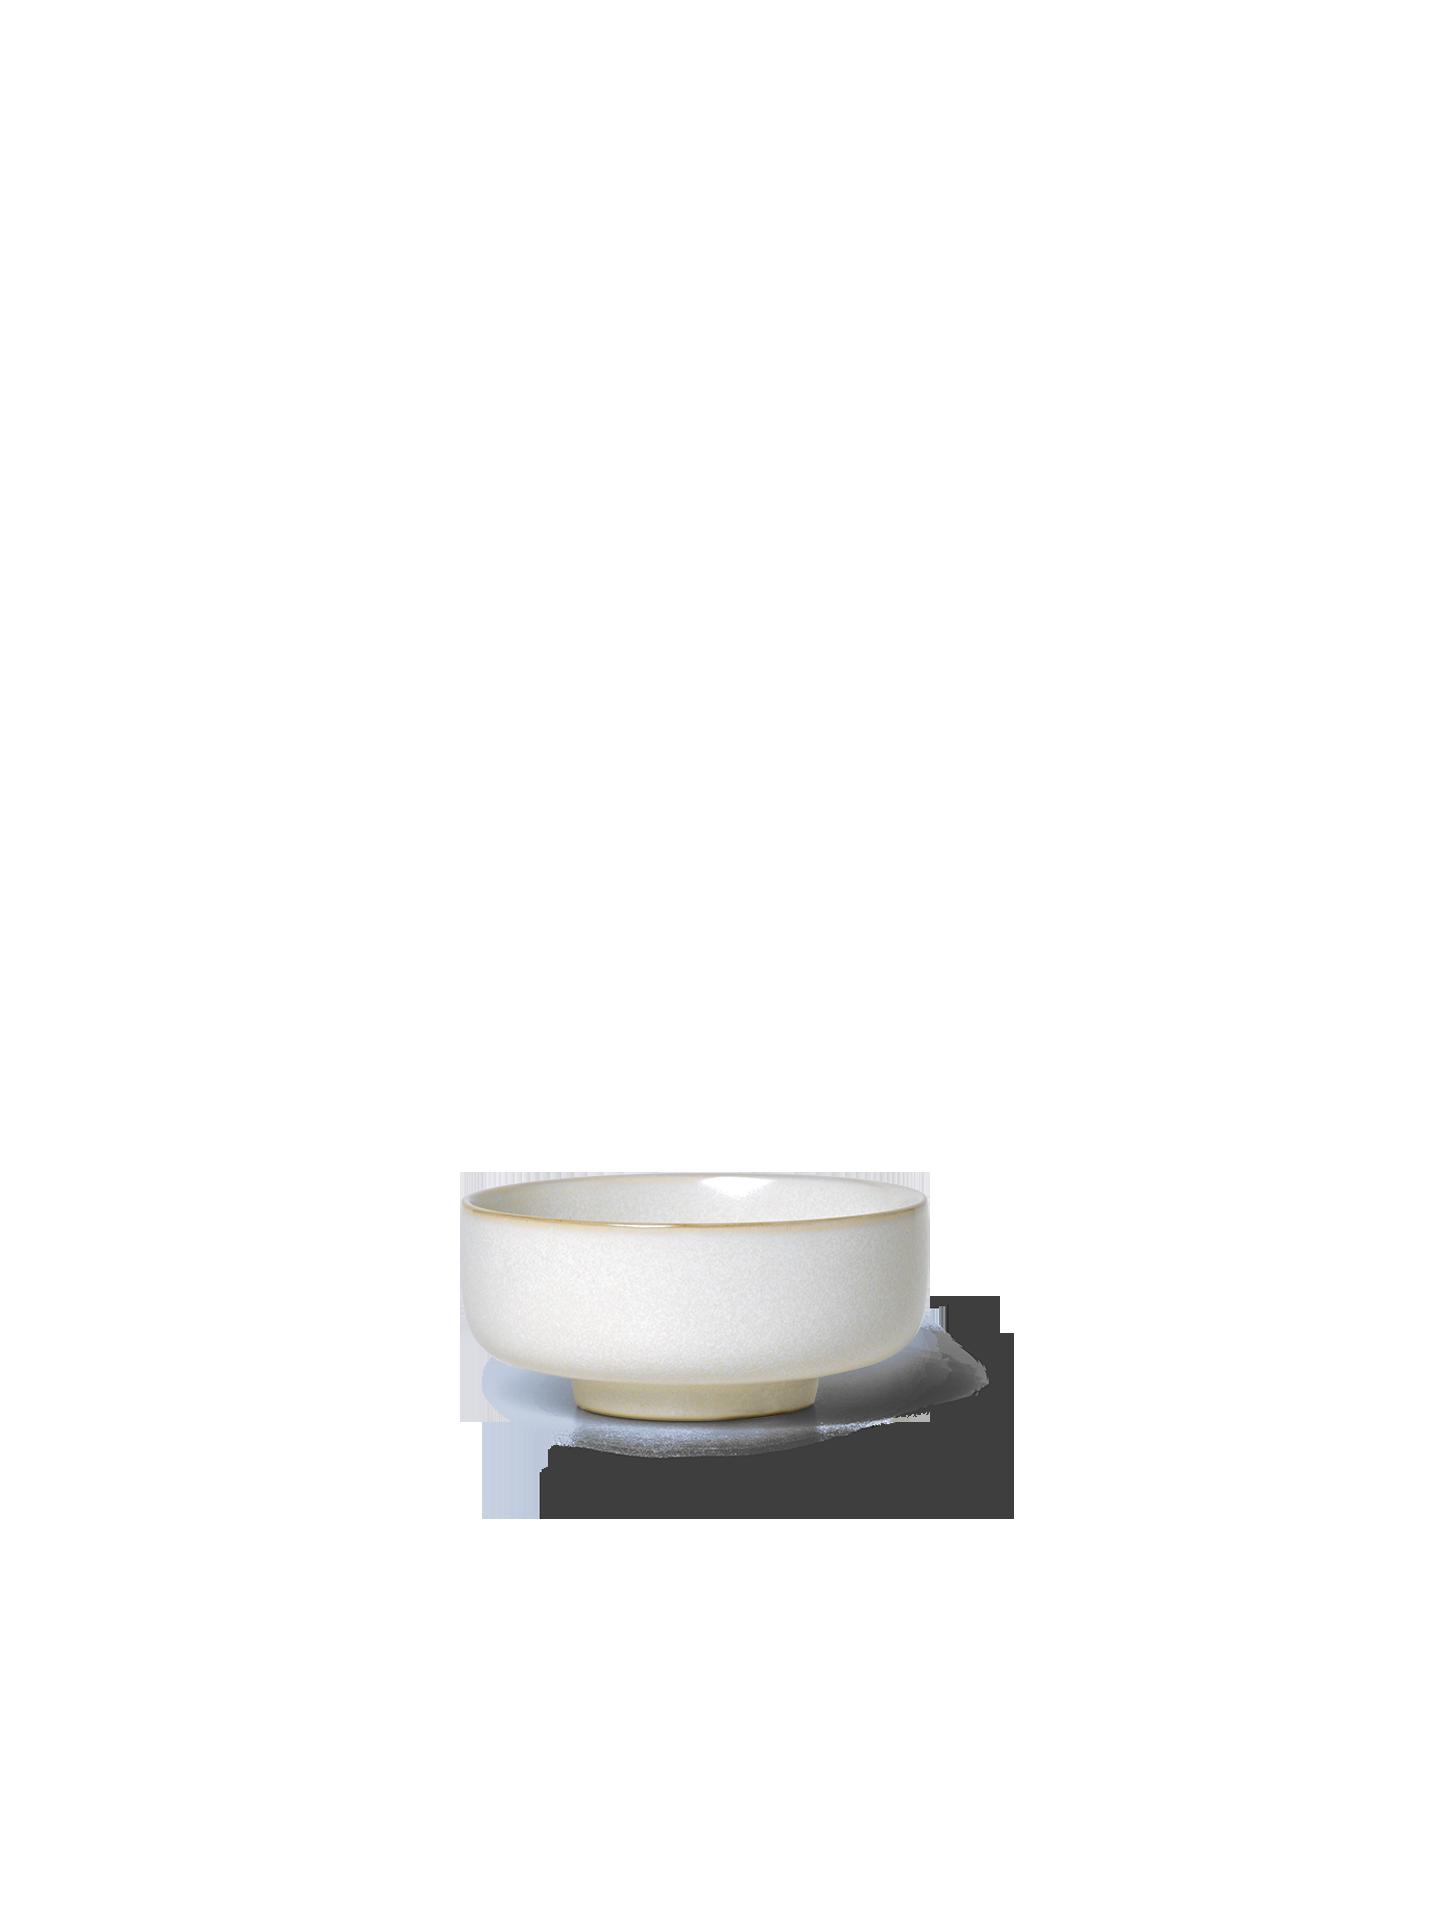 Sekki Bowl - Small - Cream